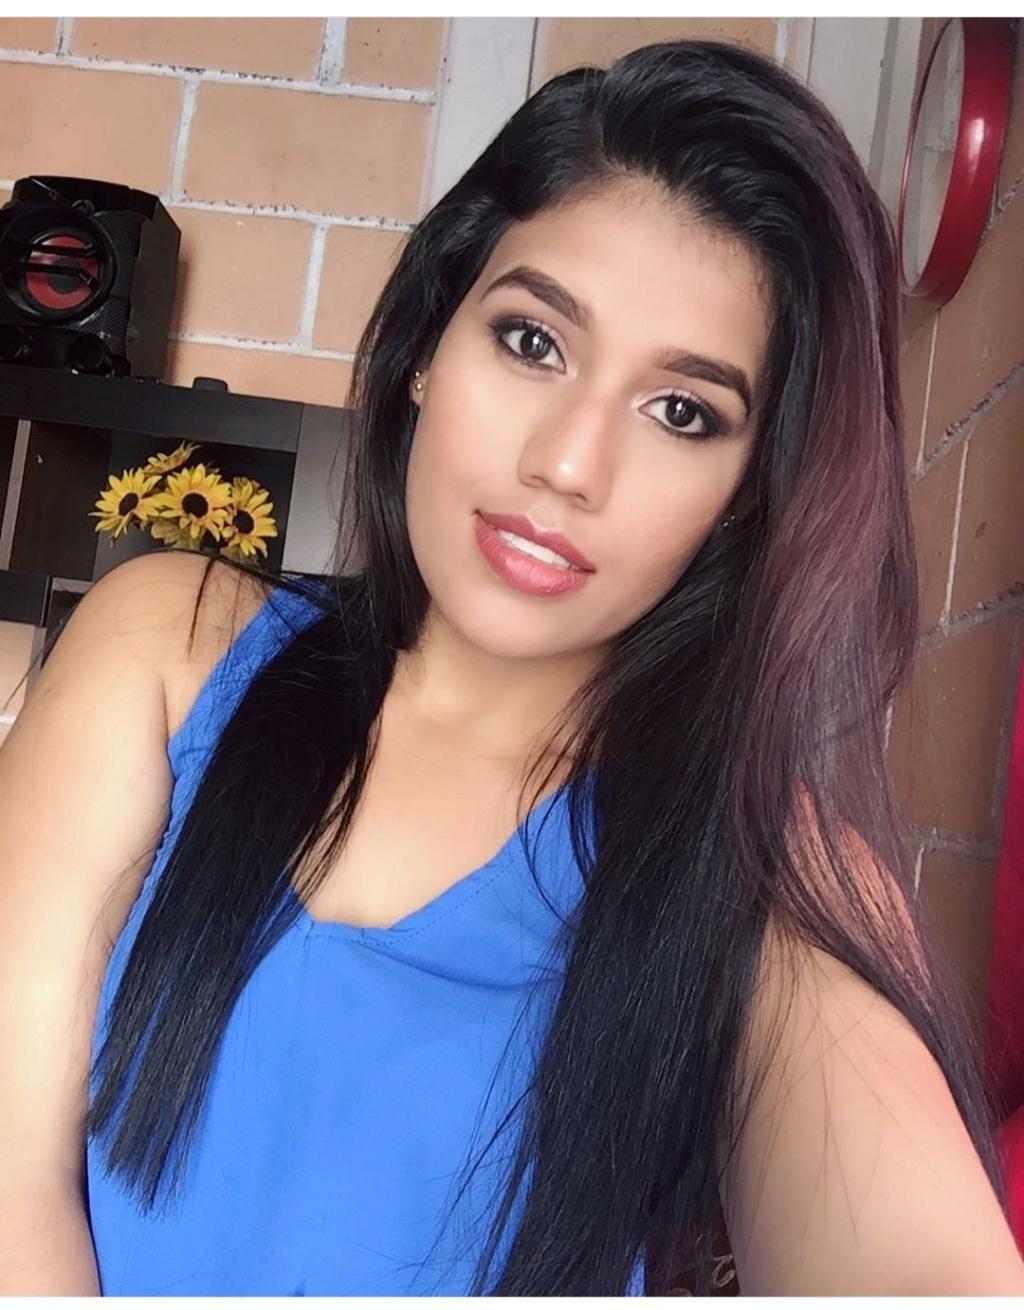 DEBATE sobre belleza, guapura y hermosura (fotos de chicas latinas, mestizas, y de todo) - VOL II - Página 7 Img_2276